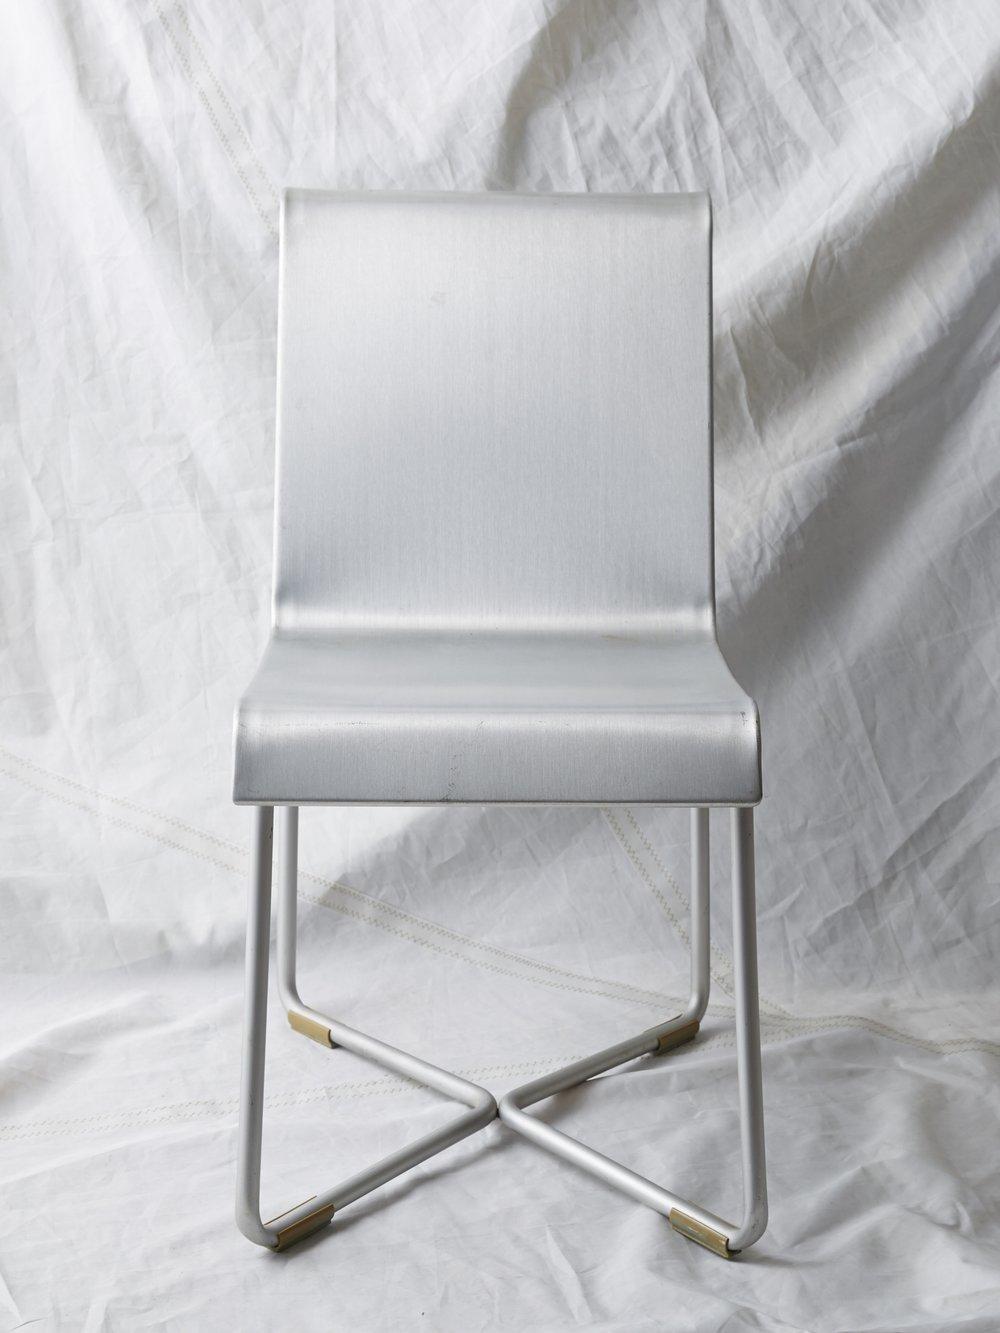 """CH020 Frank Gehry SUPERLIGHT chair 32"""" H x 17"""" W x 26"""" D $300/week"""